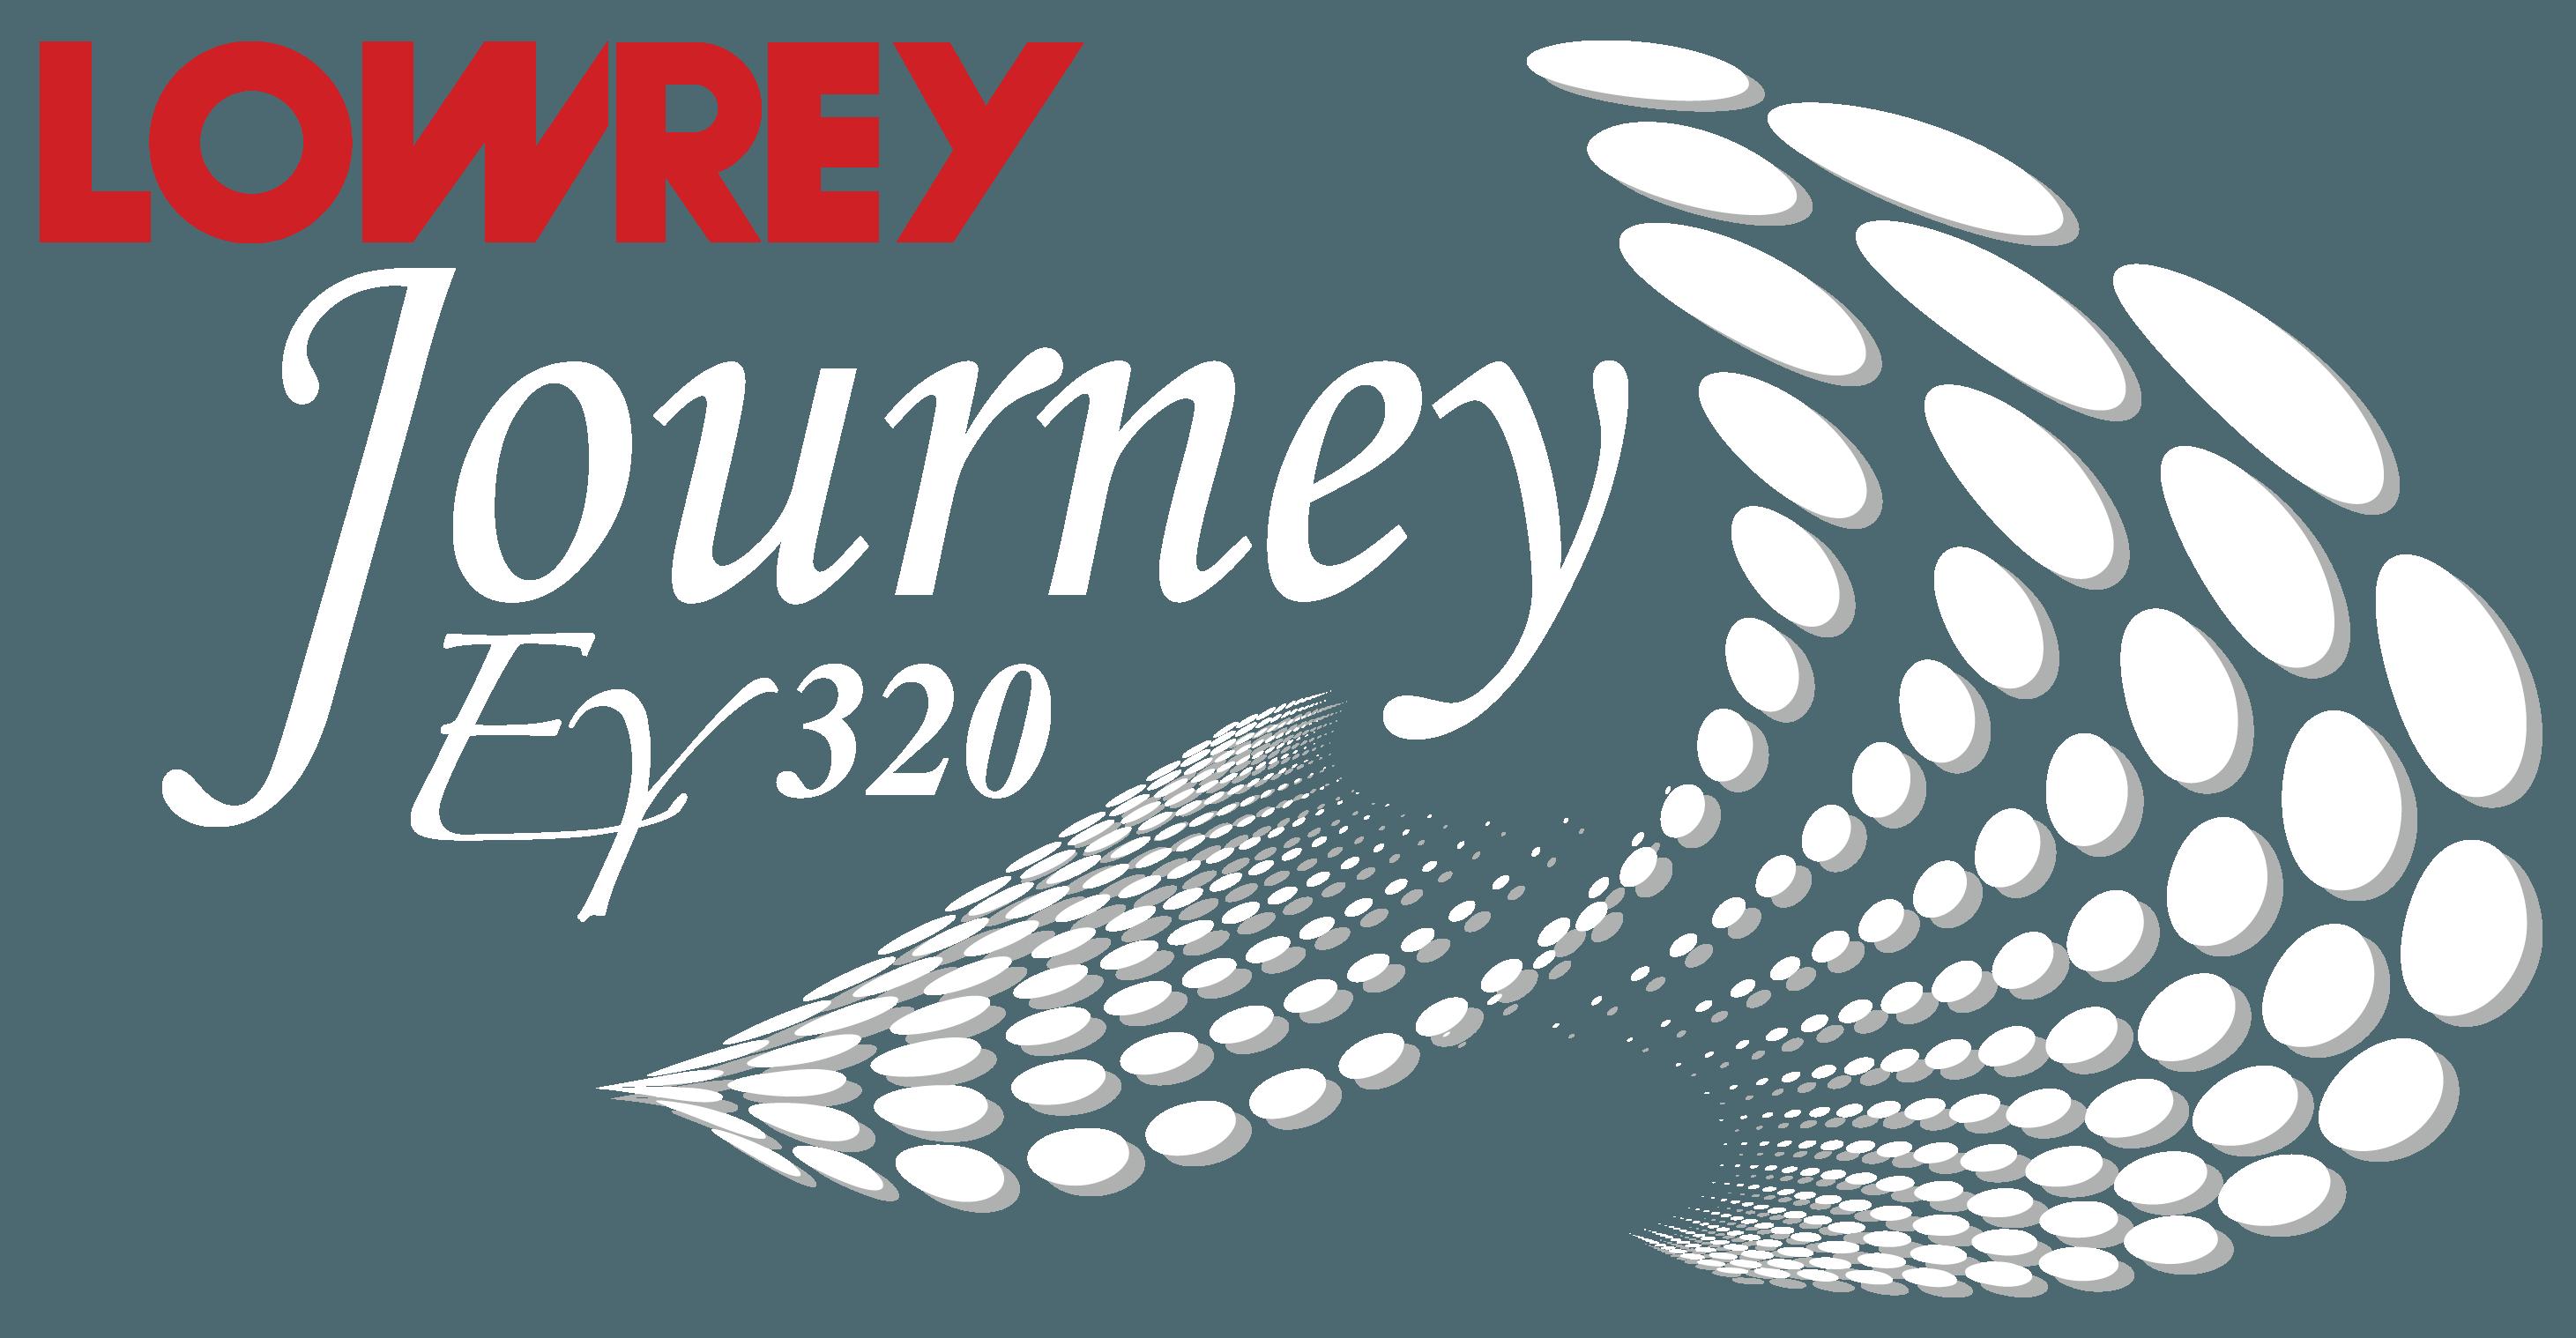 Lowrey Journey EY320